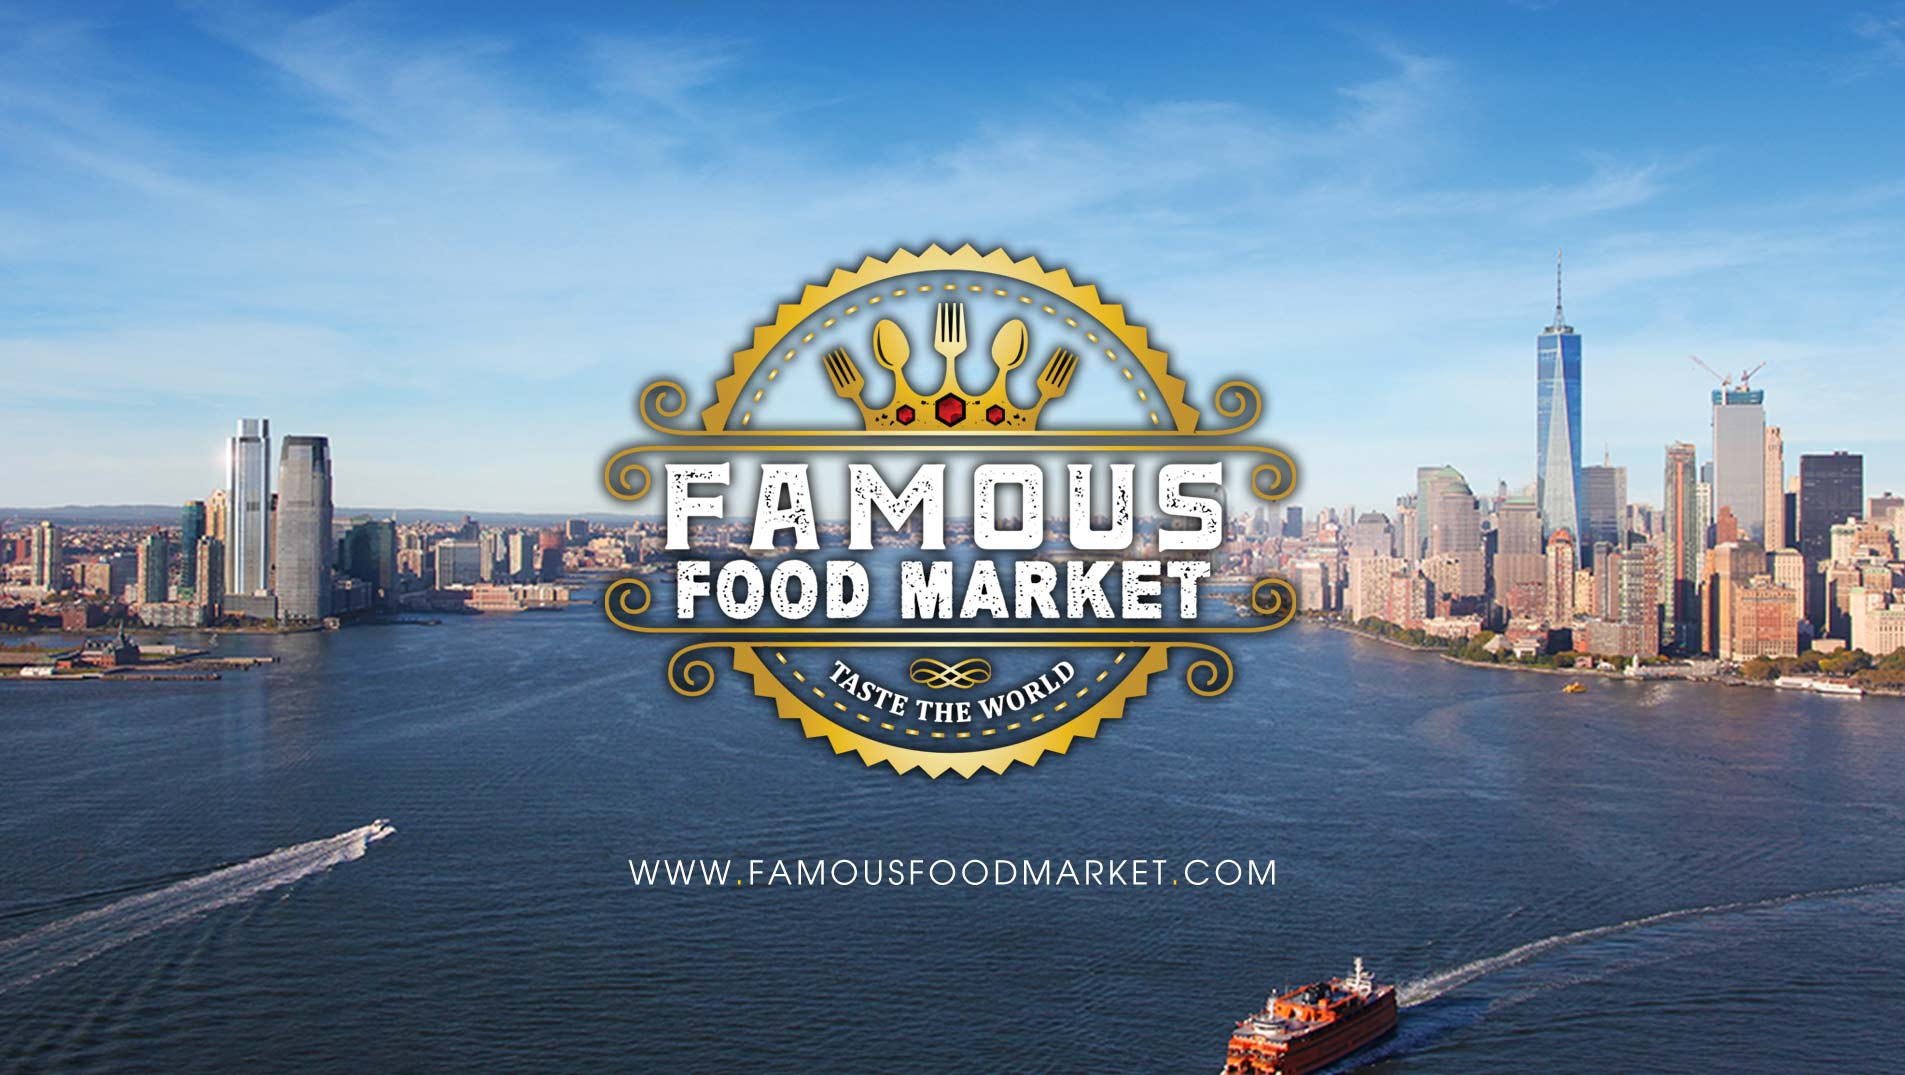 famous-food-market-2018